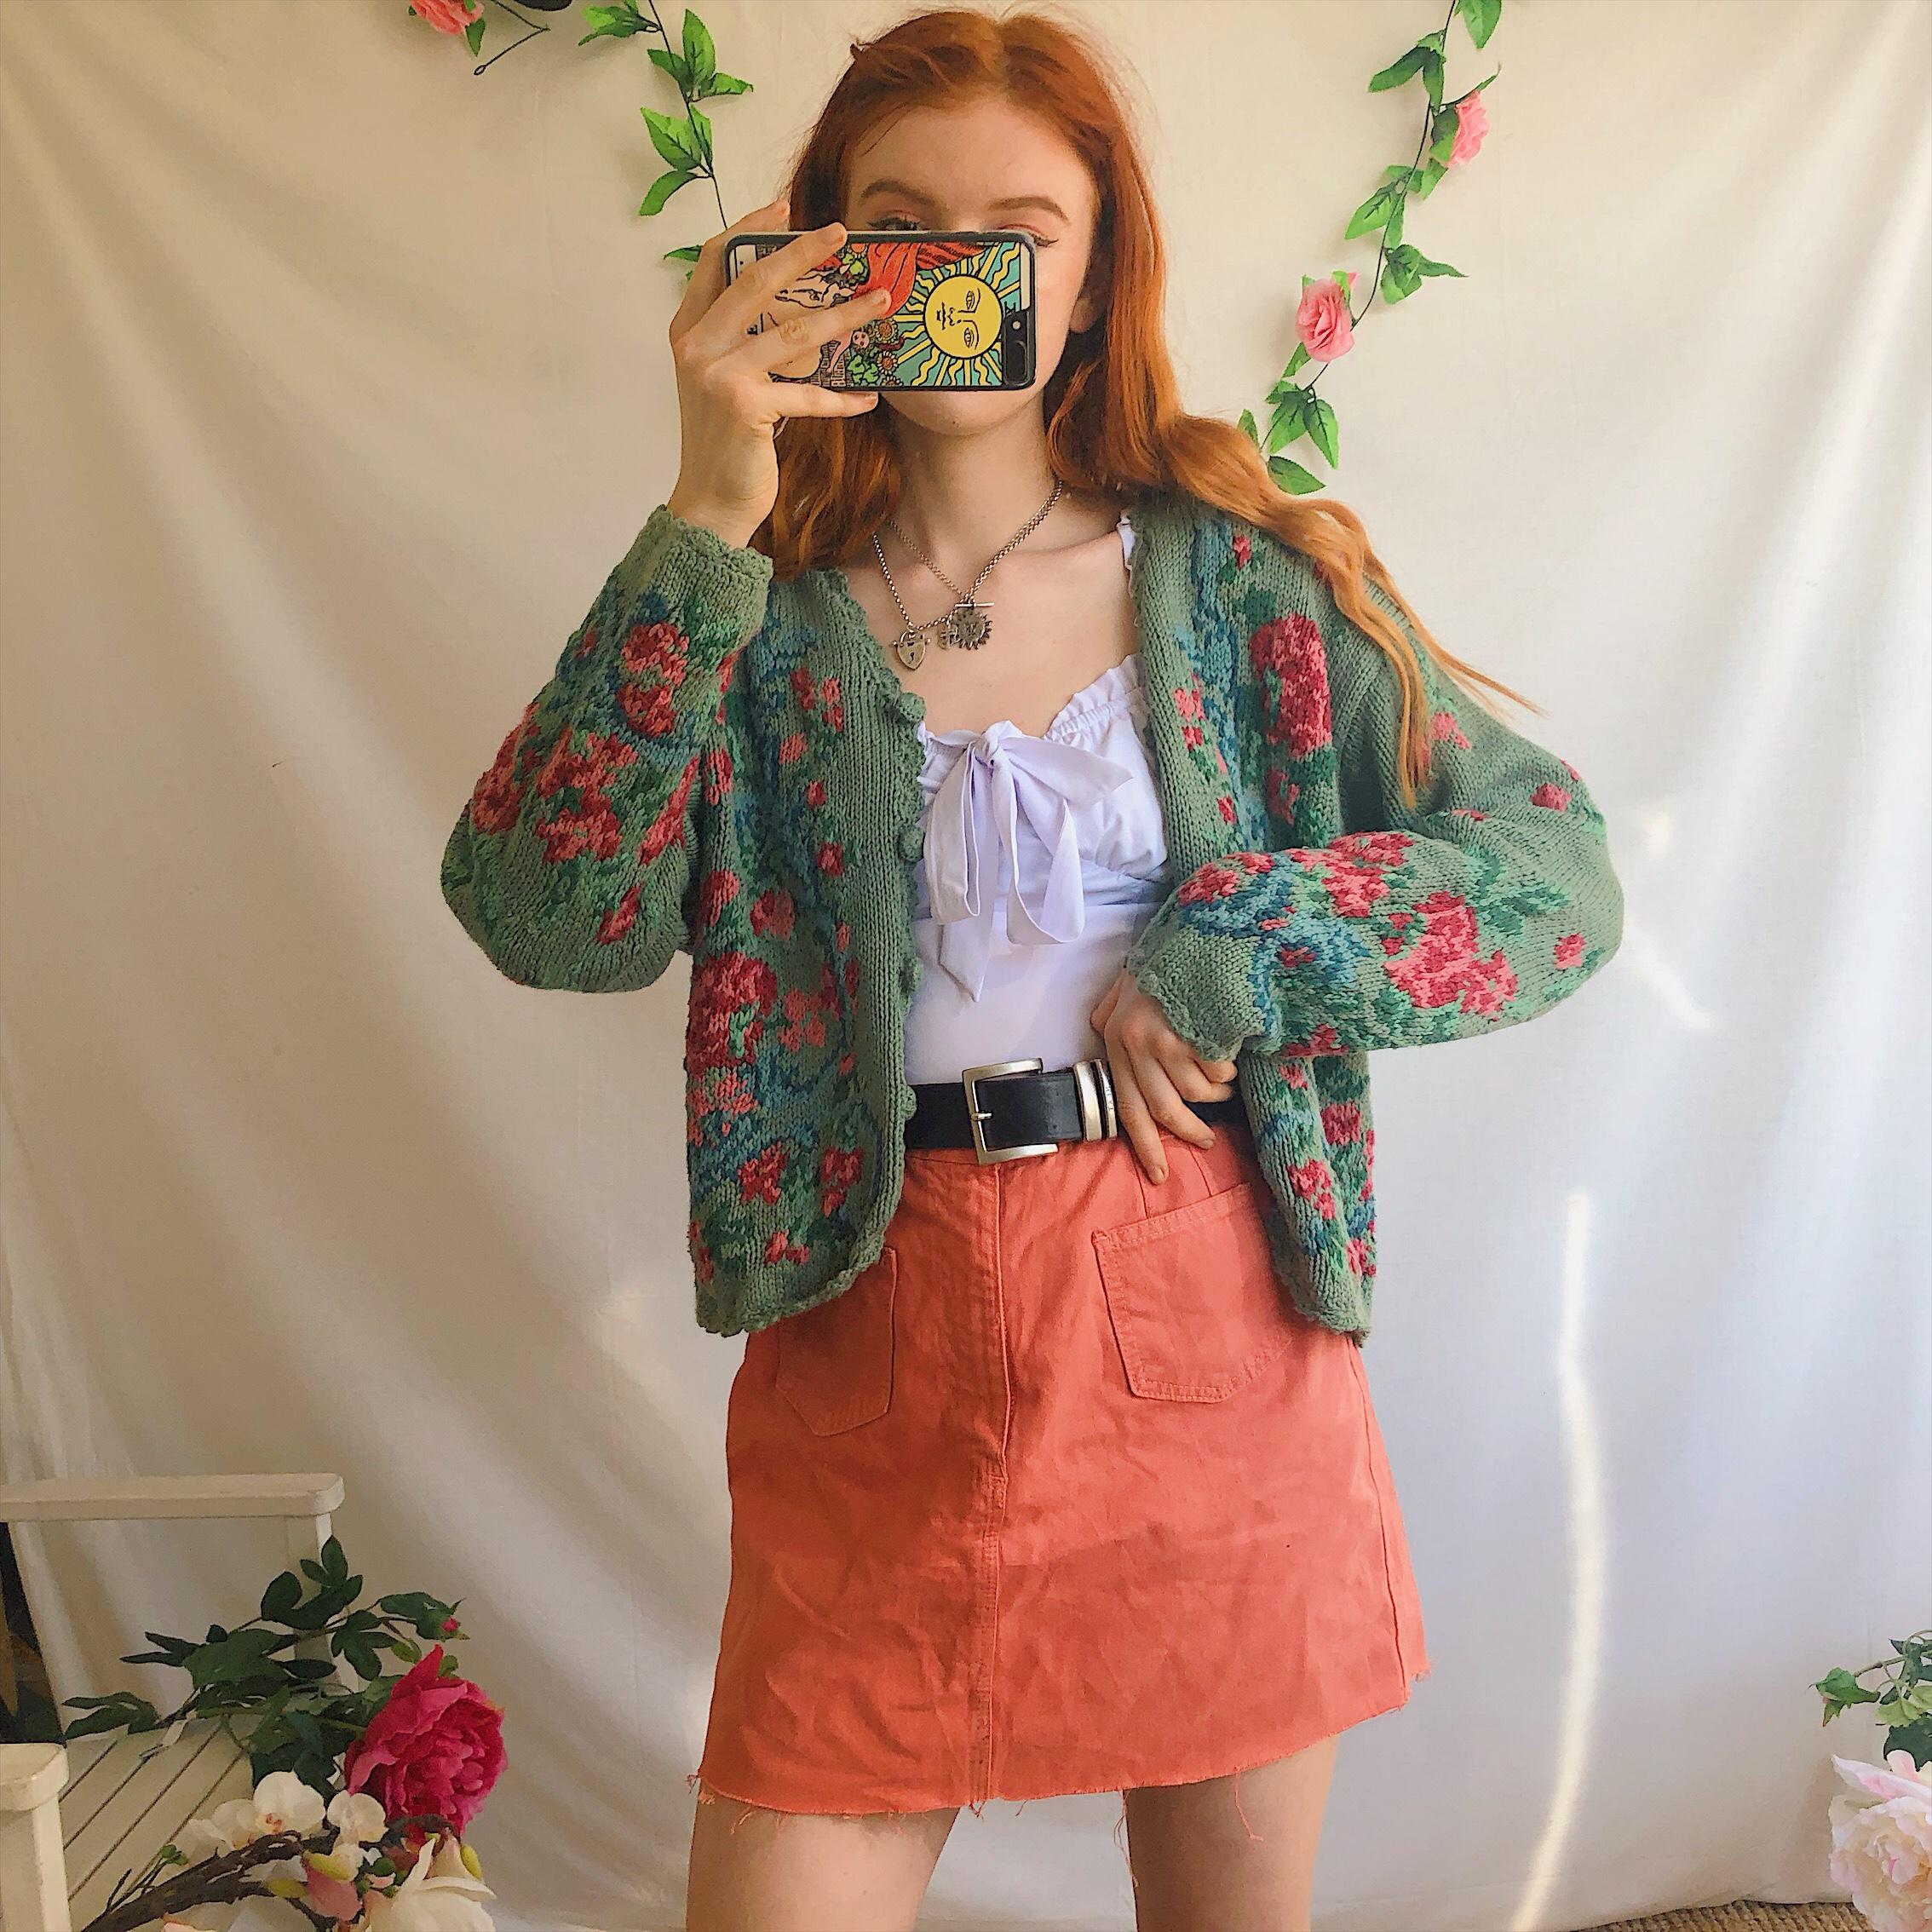 áo cardigan đan len họa tiết nổi bật phối cùng váy theo phong cách retro